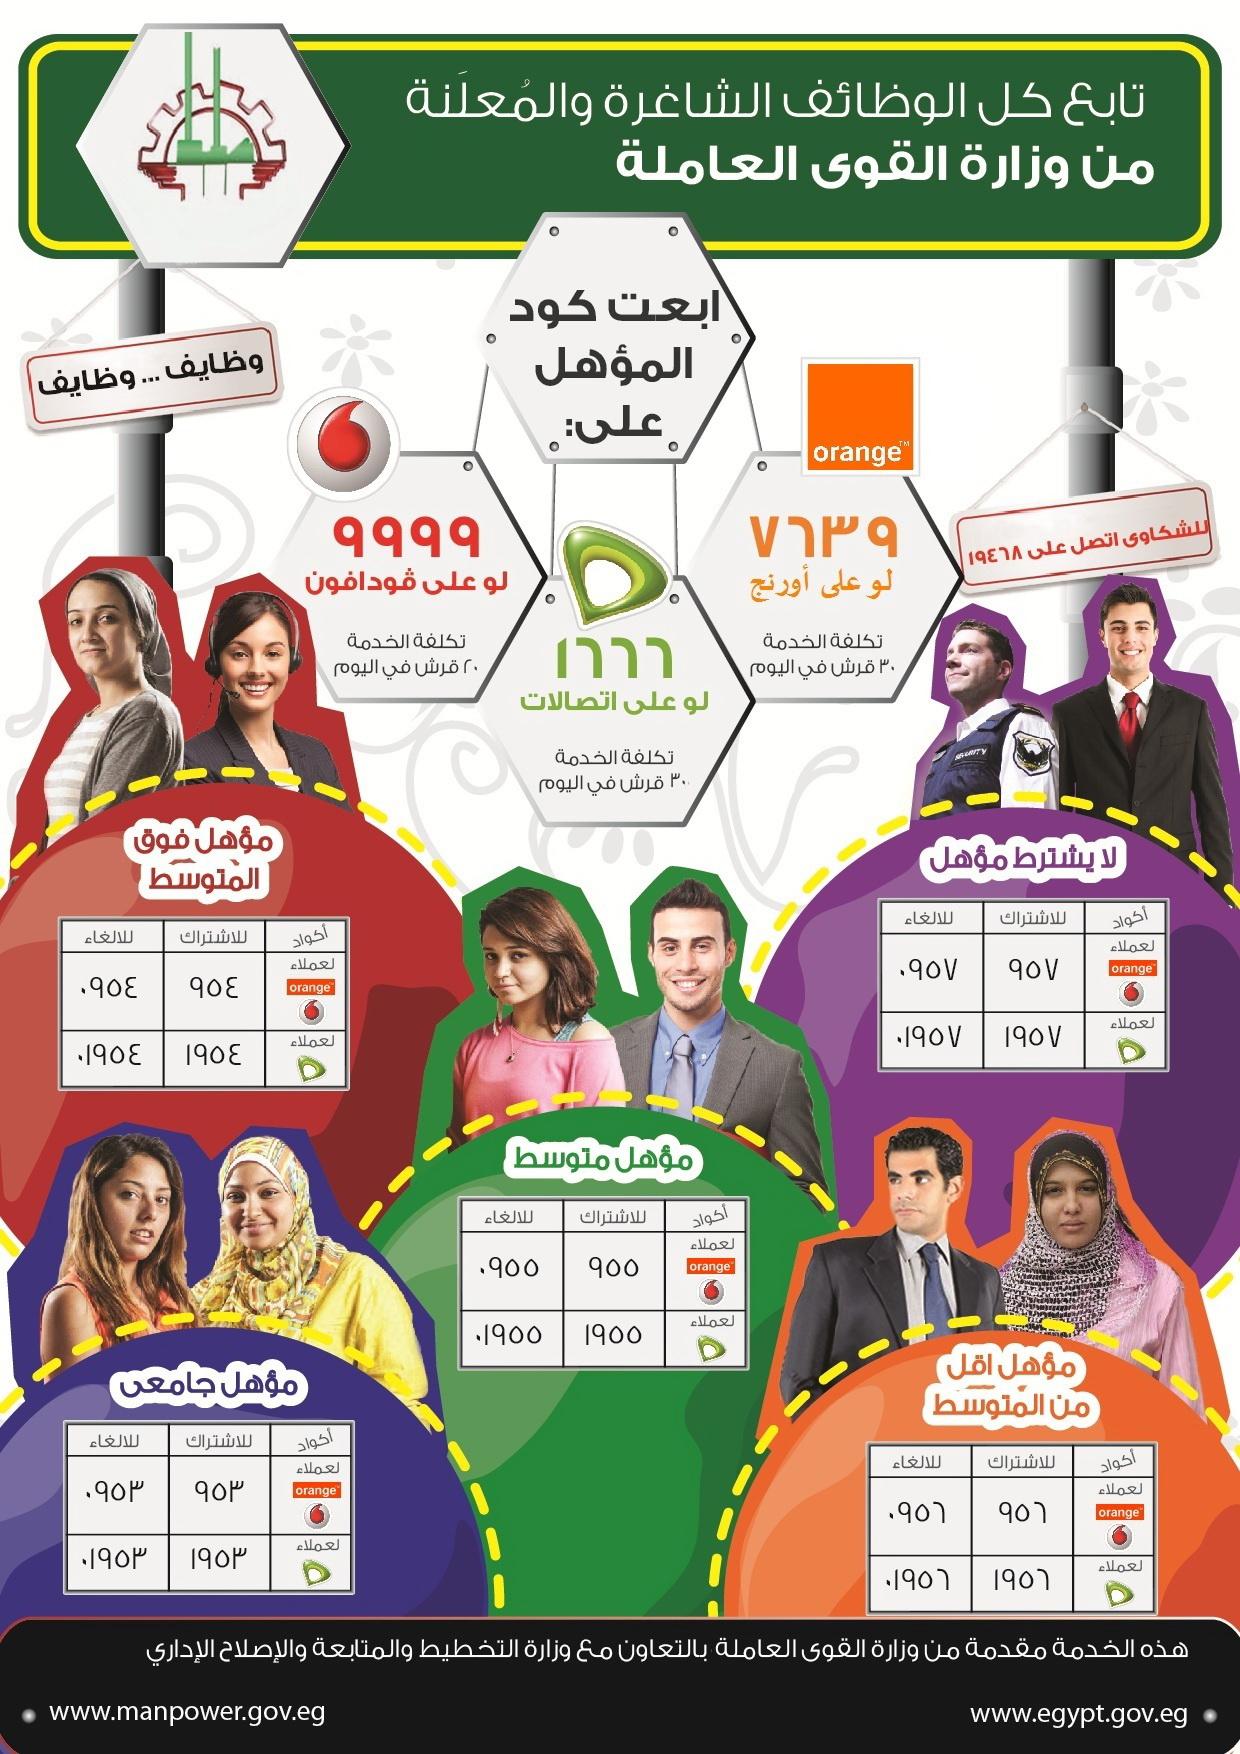 أكواد وظائف القوى العاملة 2021 في مصر